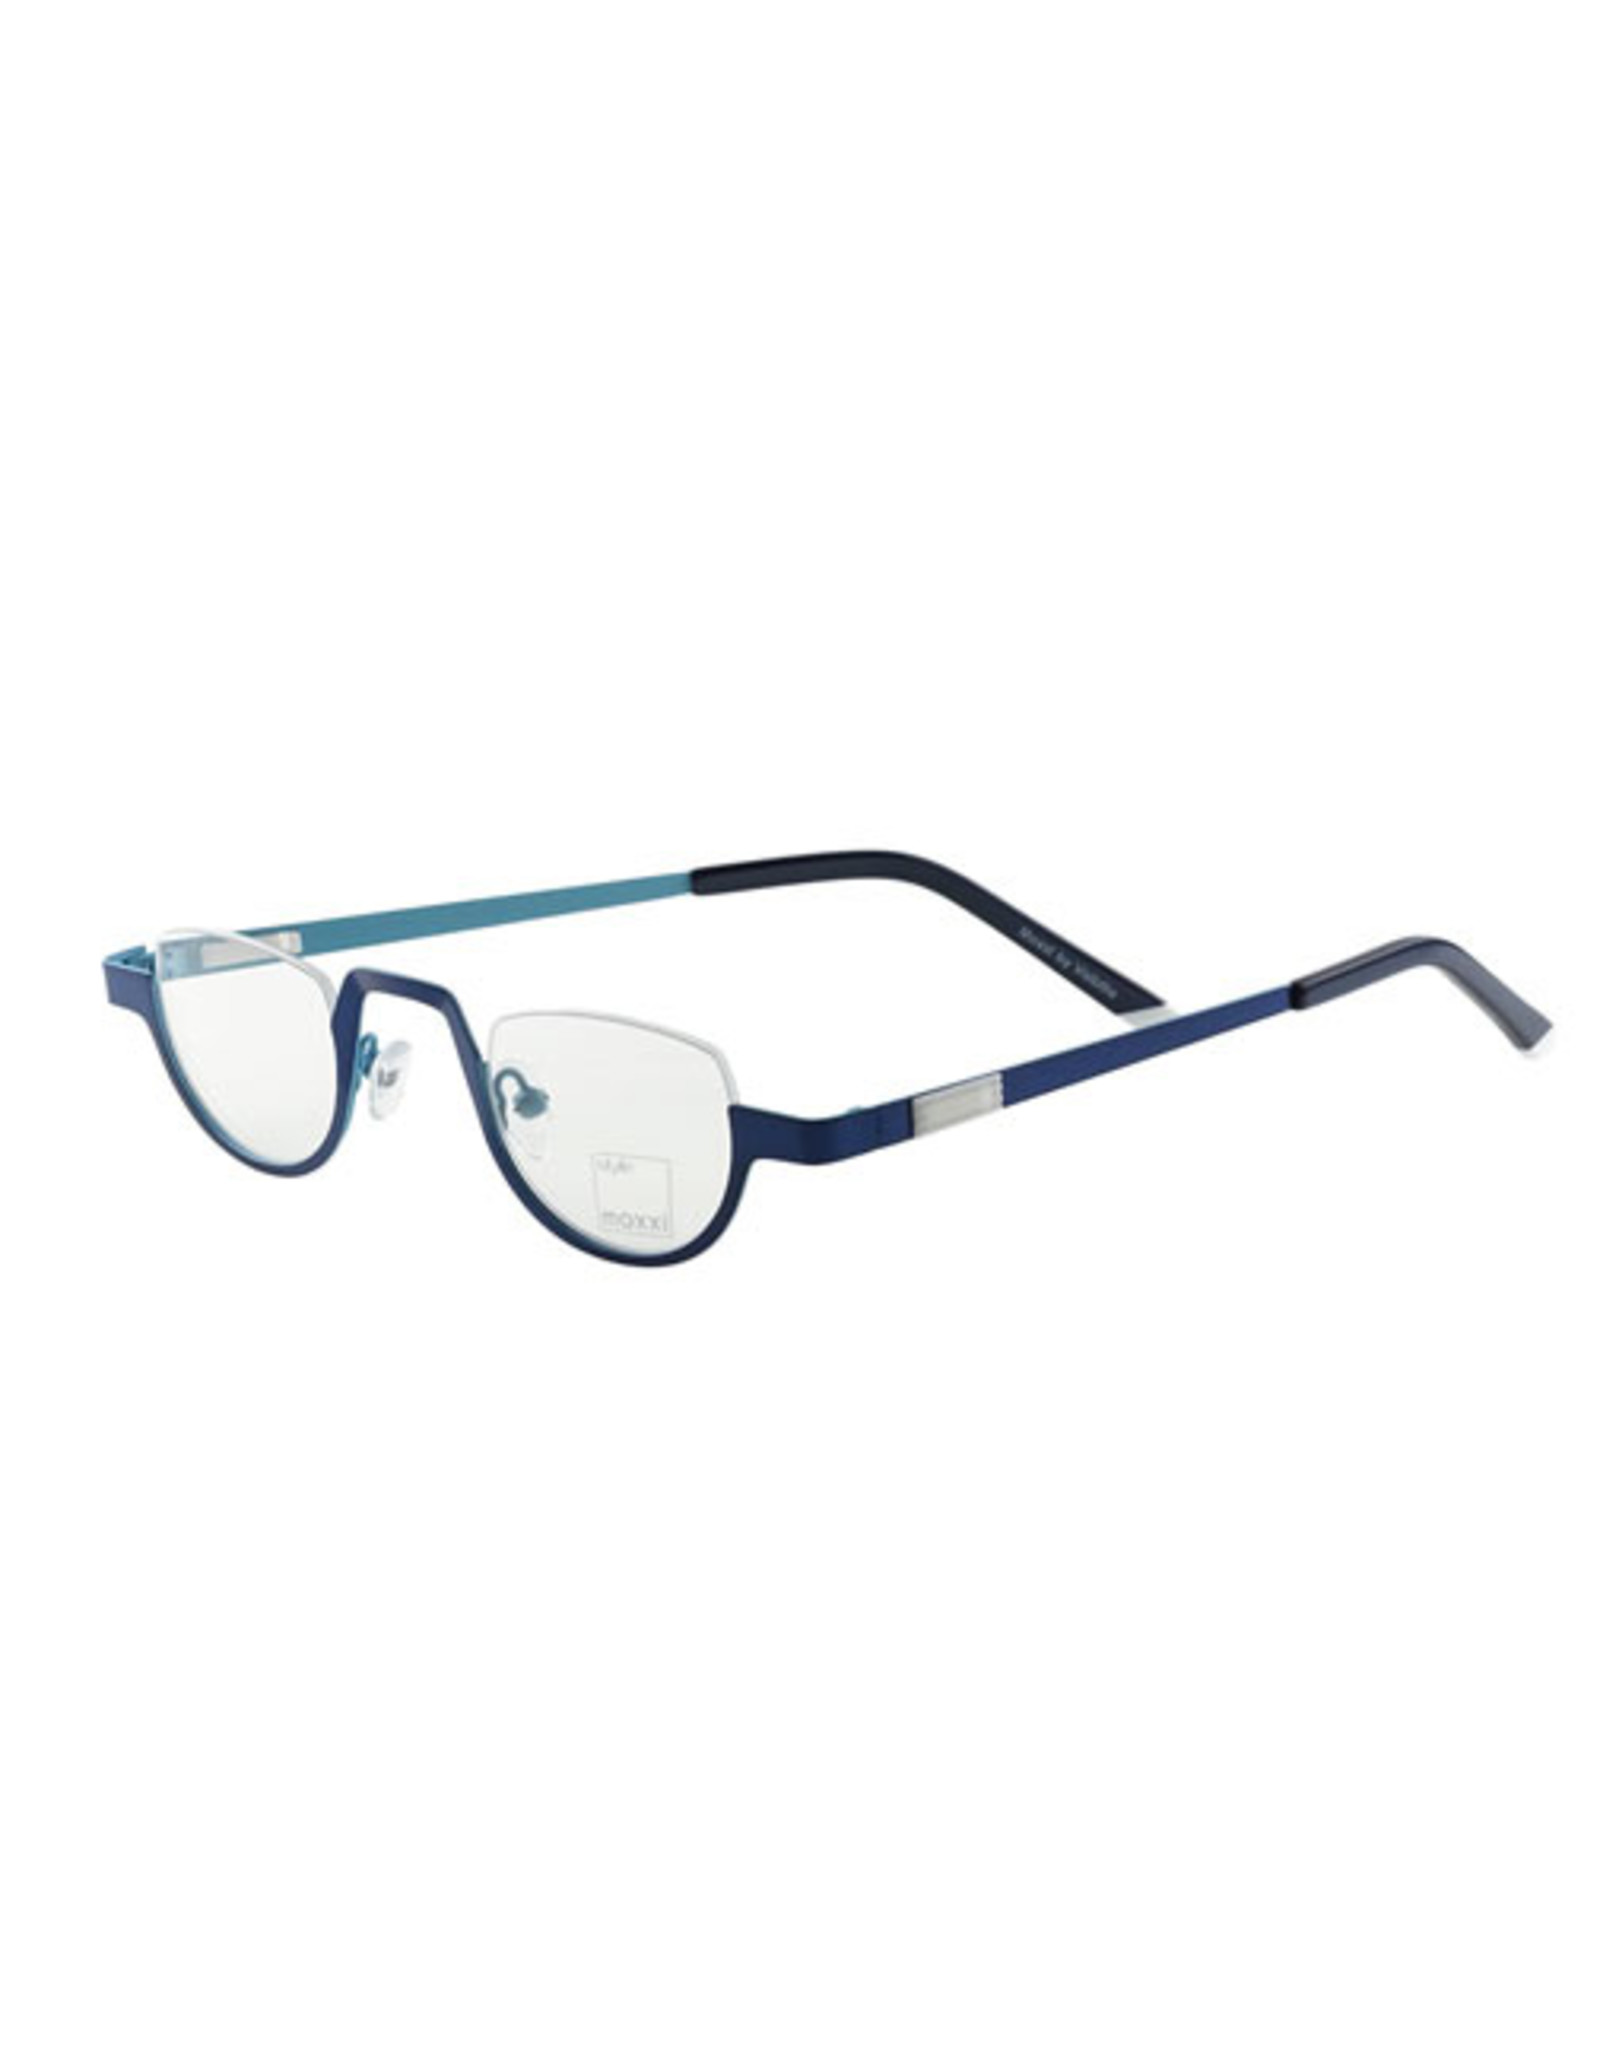 Moxxi Moxxi 31552 650 (blue)